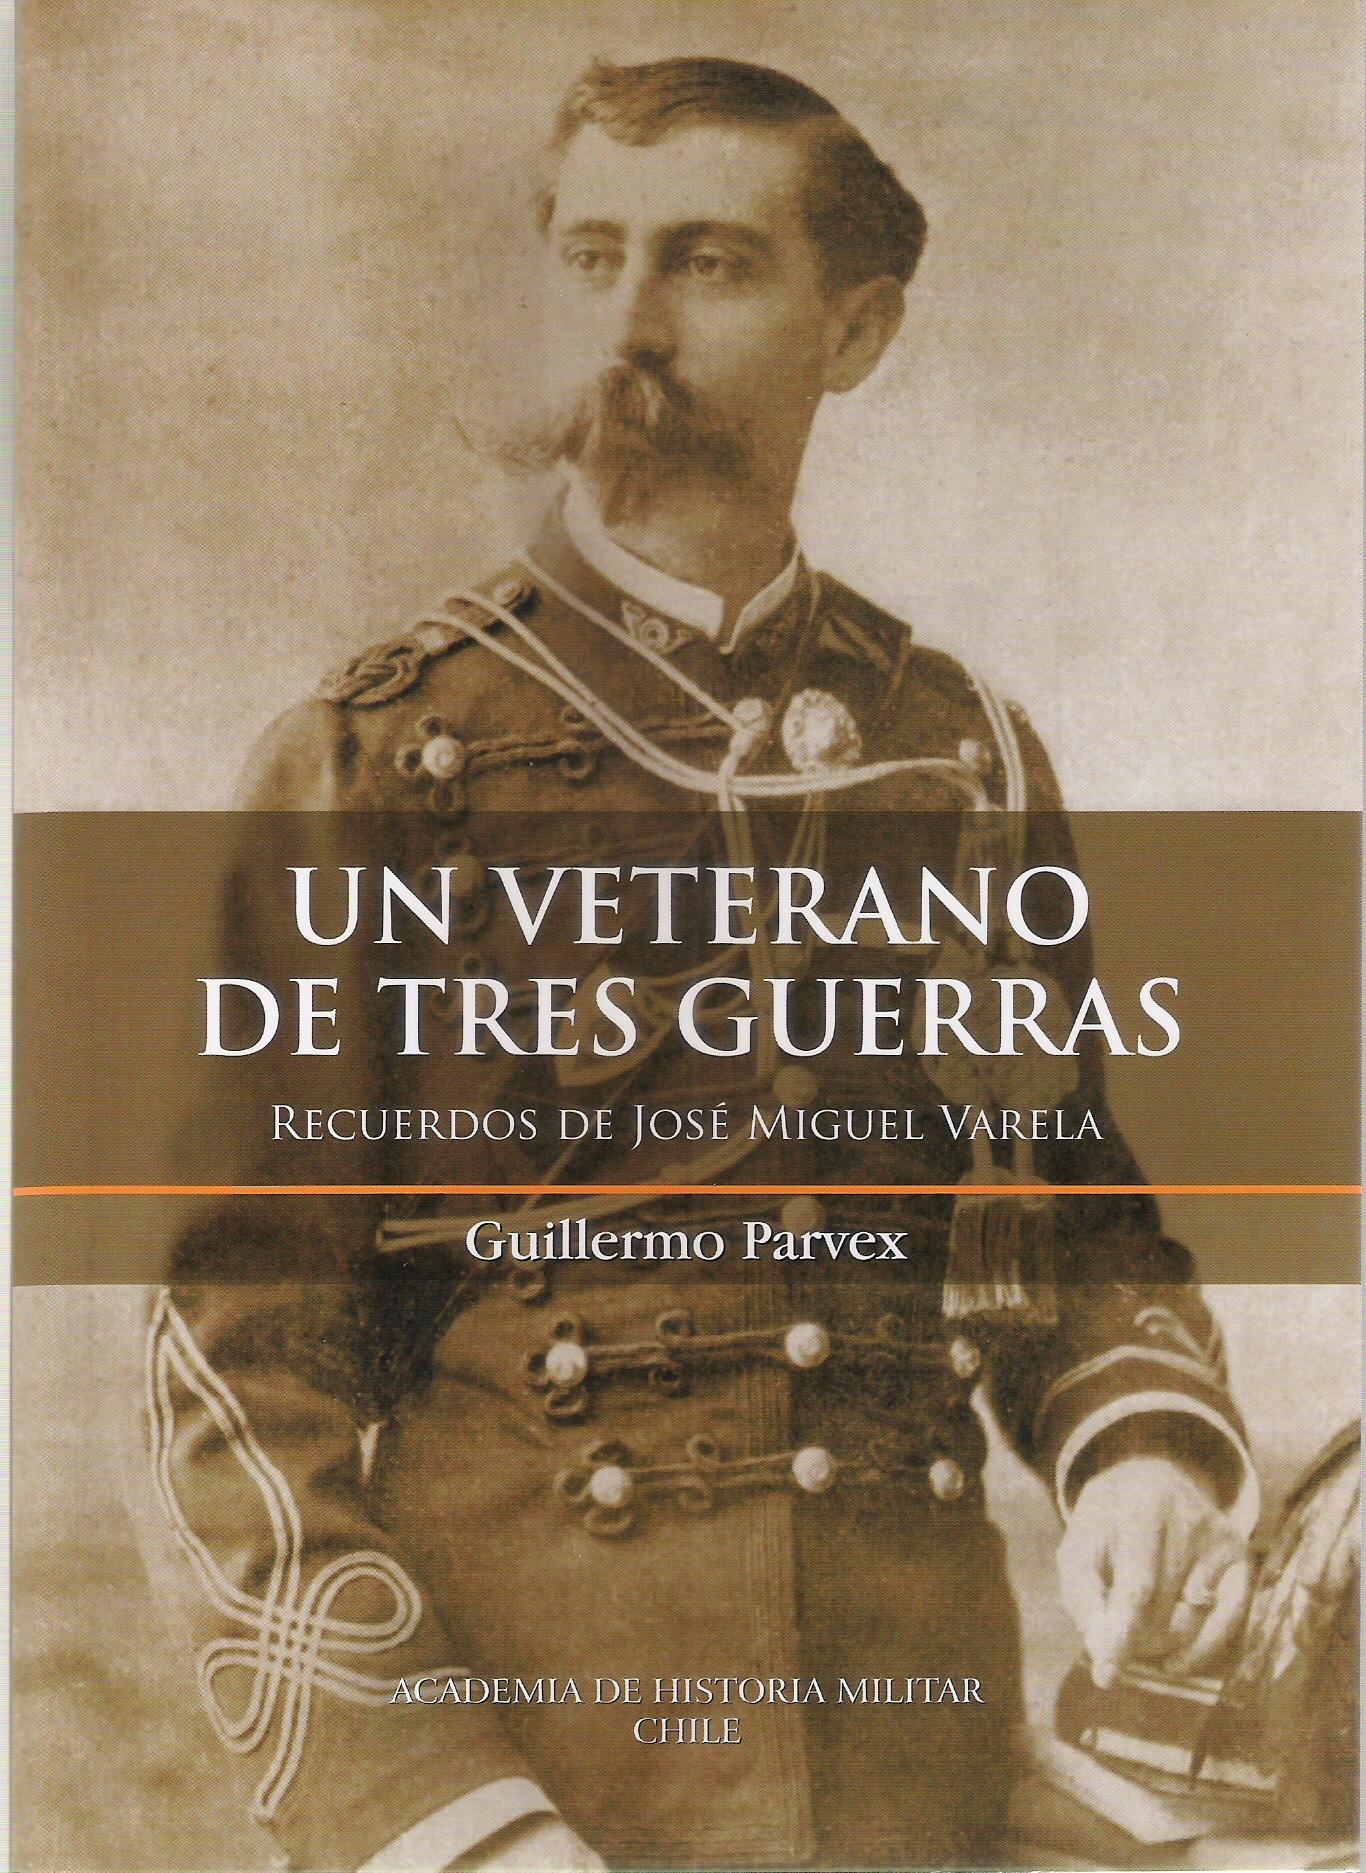 Un Veterano de Tres Guerras. Recuerdos de Jose Miguel Varela - Guillermo Parvex - Impresiones Salesianos